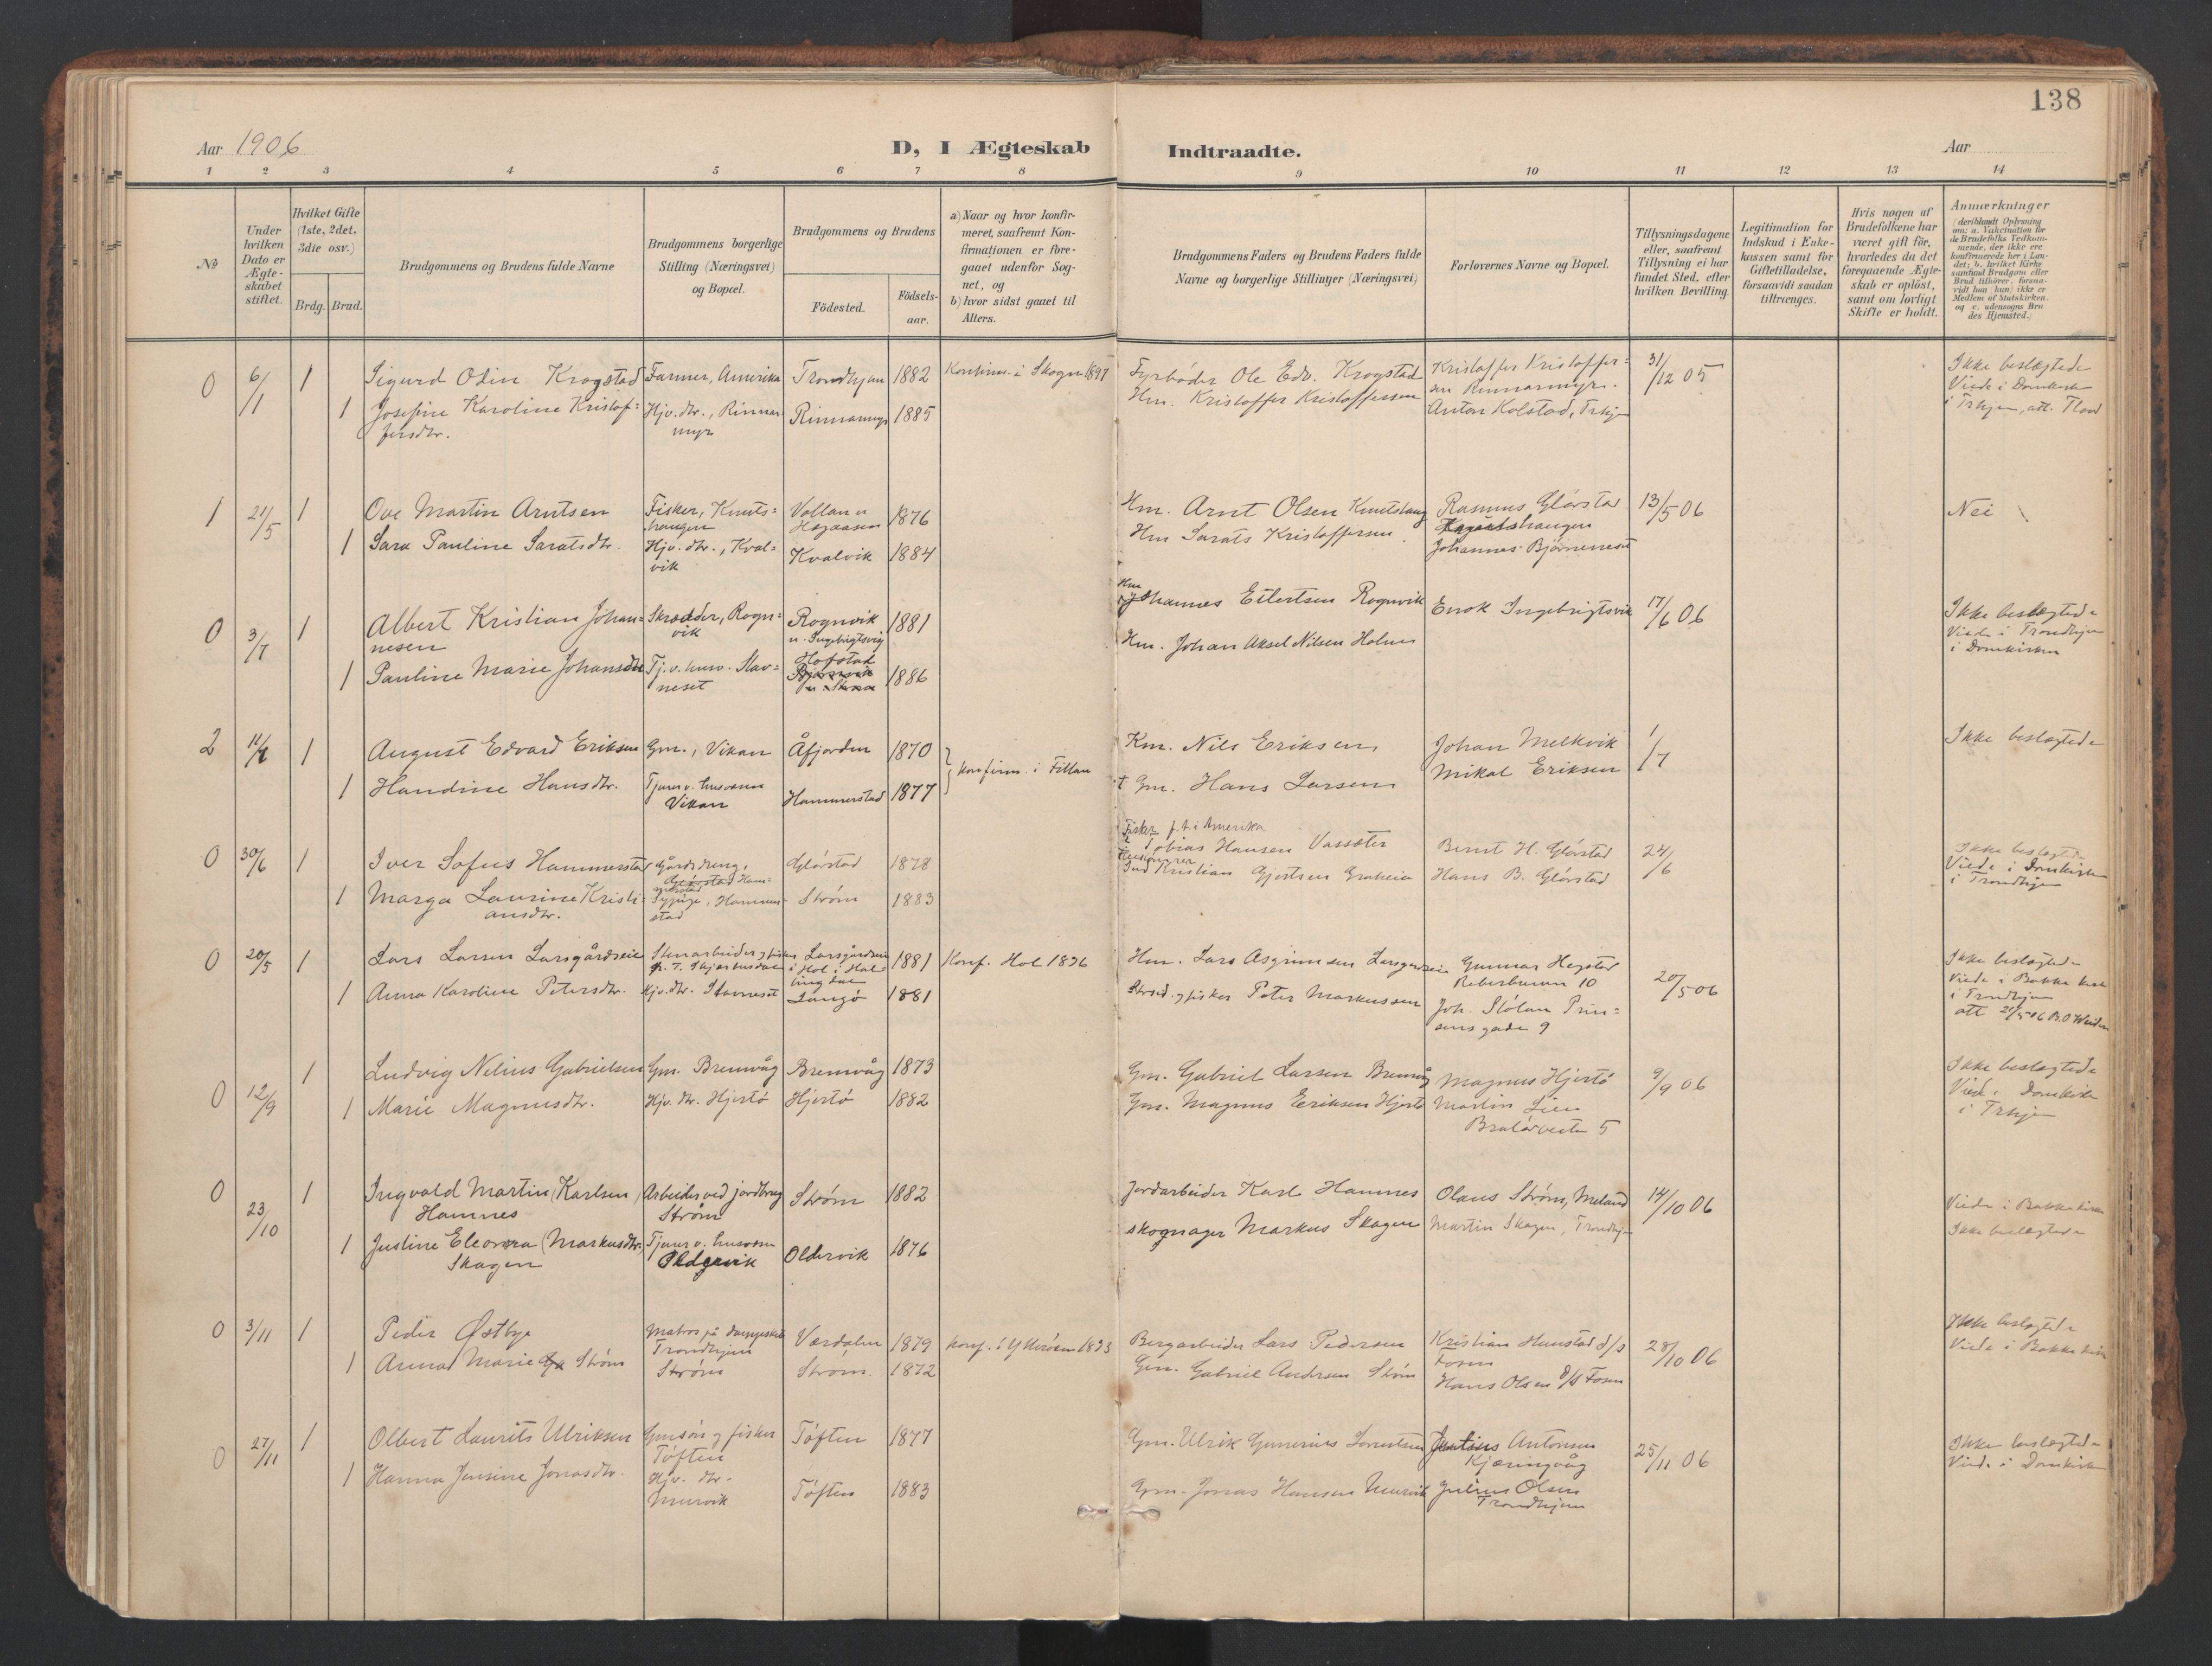 SAT, Ministerialprotokoller, klokkerbøker og fødselsregistre - Sør-Trøndelag, 634/L0537: Ministerialbok nr. 634A13, 1896-1922, s. 138